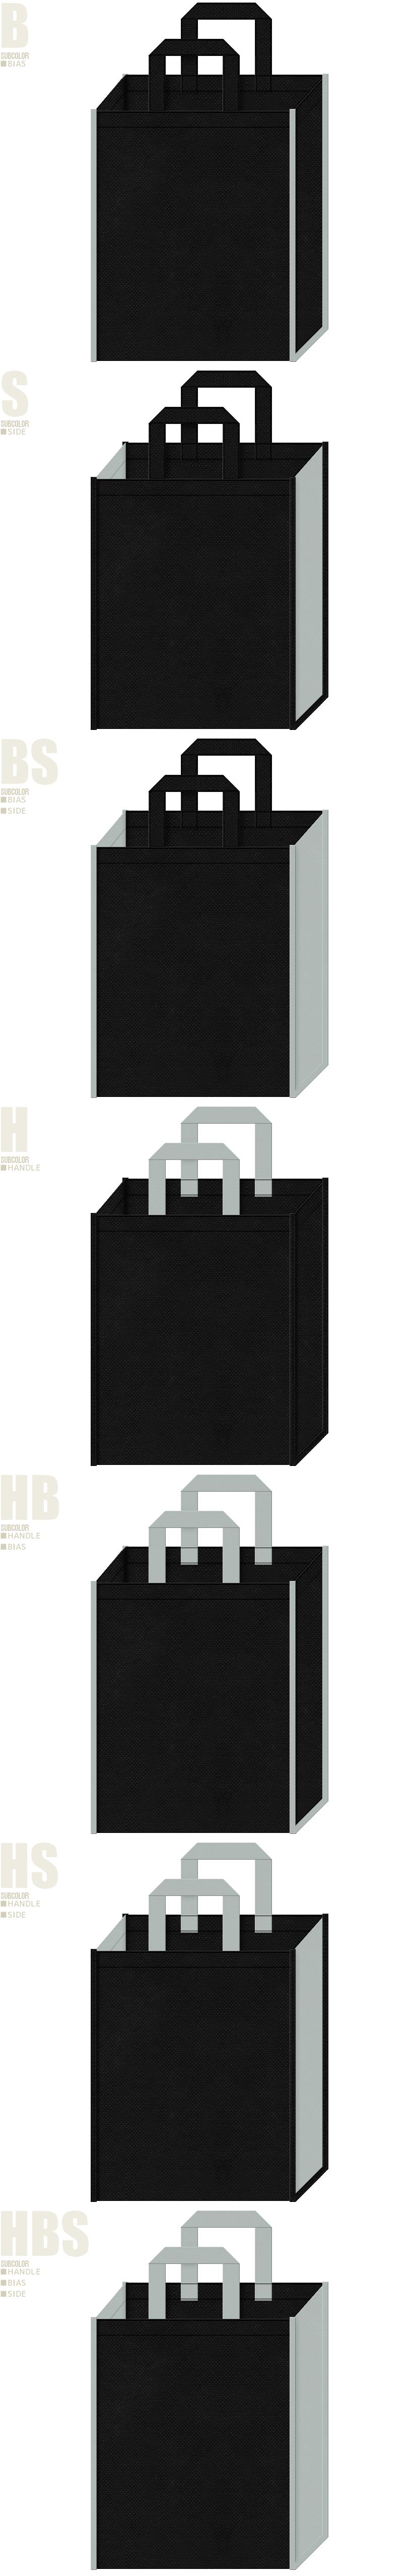 黒色とグレー色、7パターンの不織布トートバッグ配色デザイン例。設計製図用品・事務用品の展示会用バッグにお奨めです。